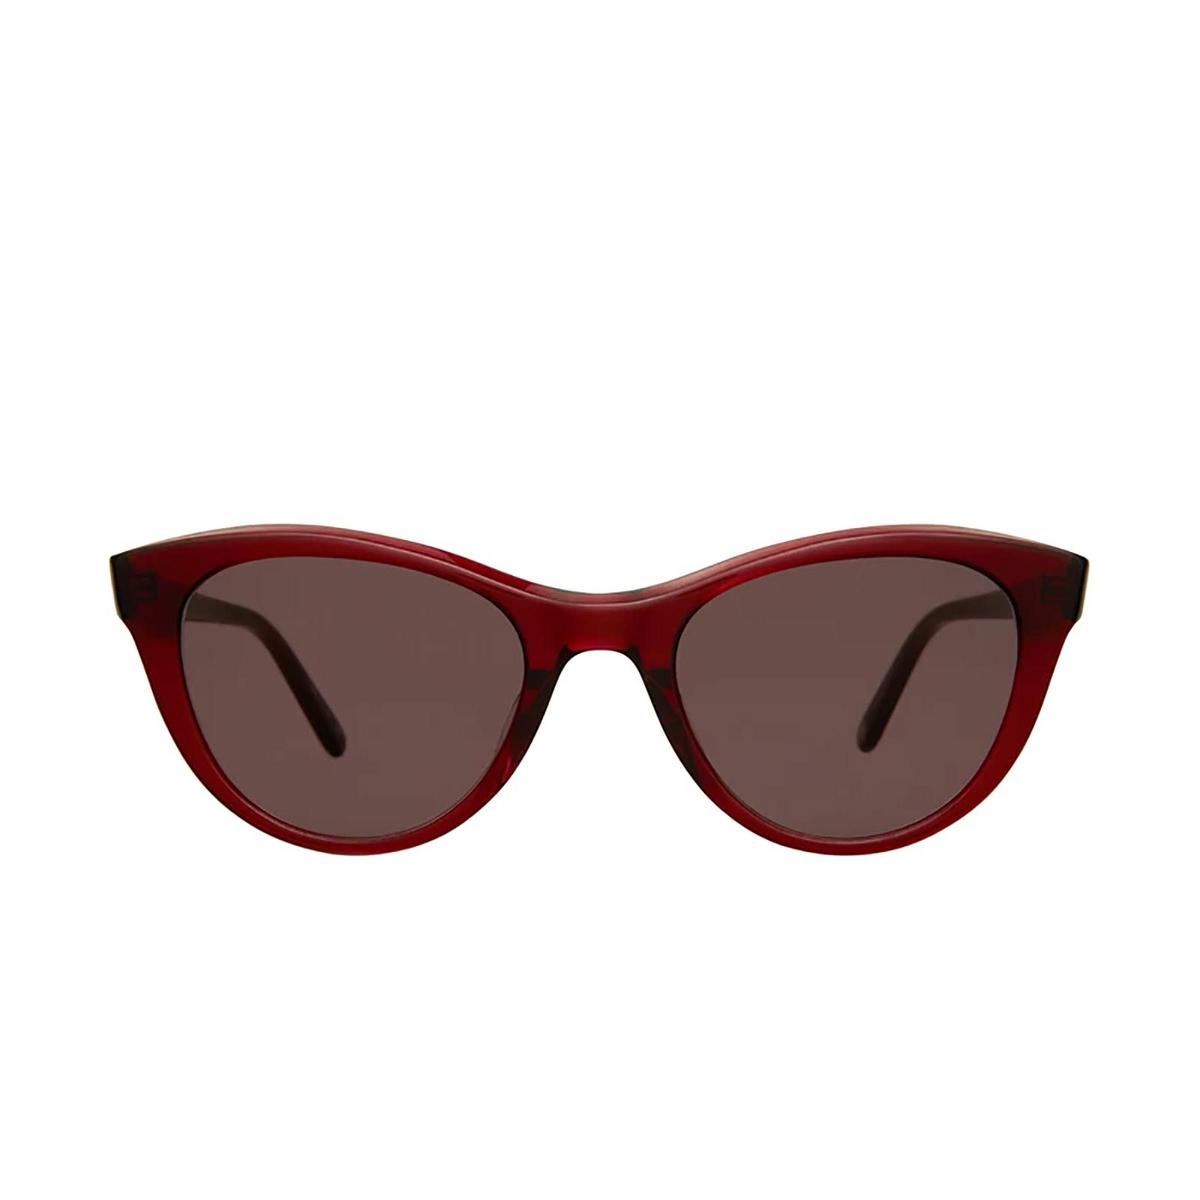 Garrett Leight® Cat-eye Sunglasses: Glco X Clare V. Sun color Merlot Mer.